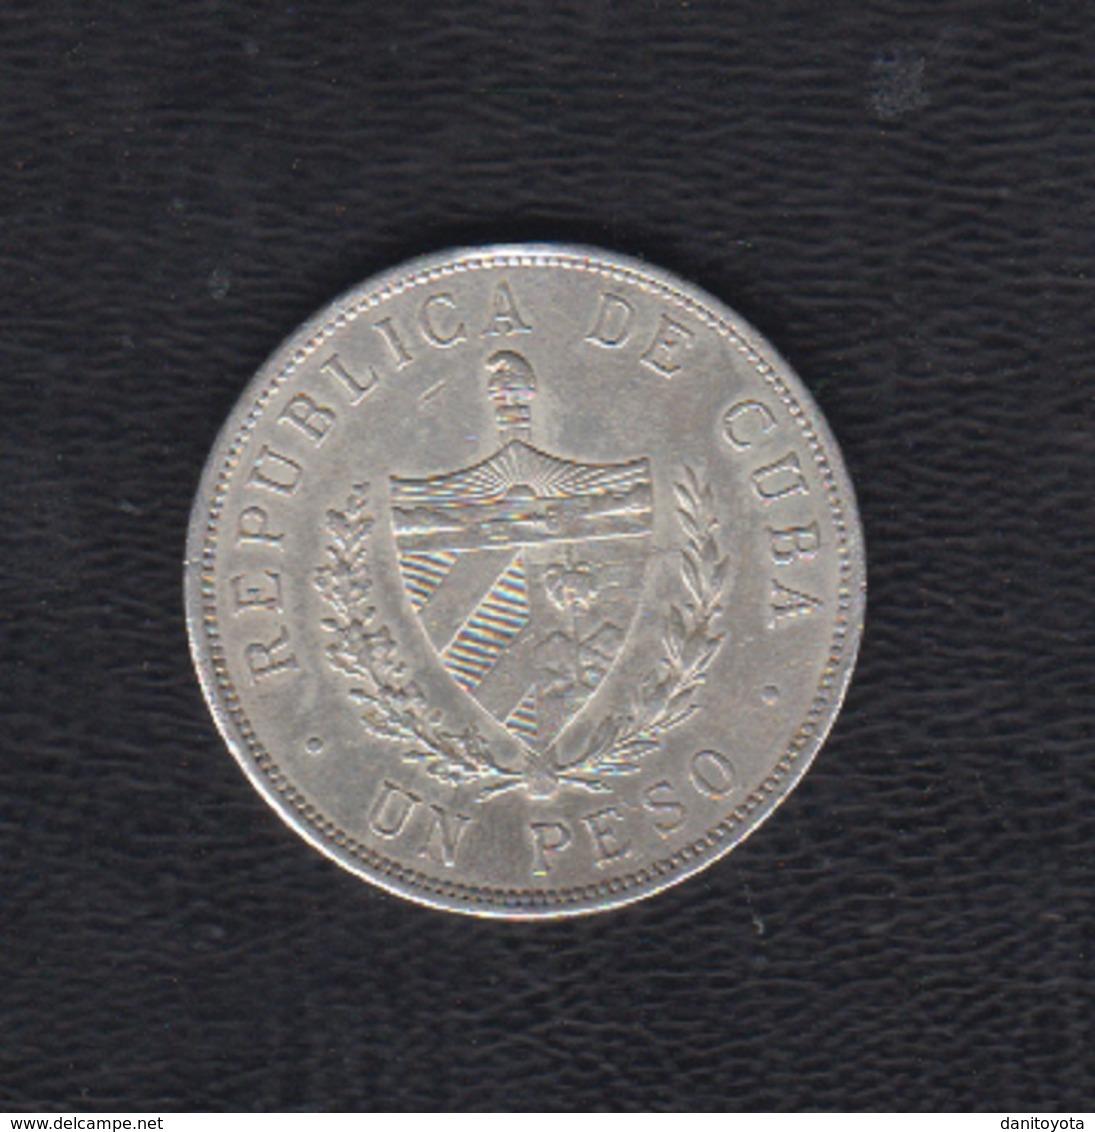 AÑO 1934.-  1 PESO PLATA.  PATRIA Y LIBERTAD. - Cuba